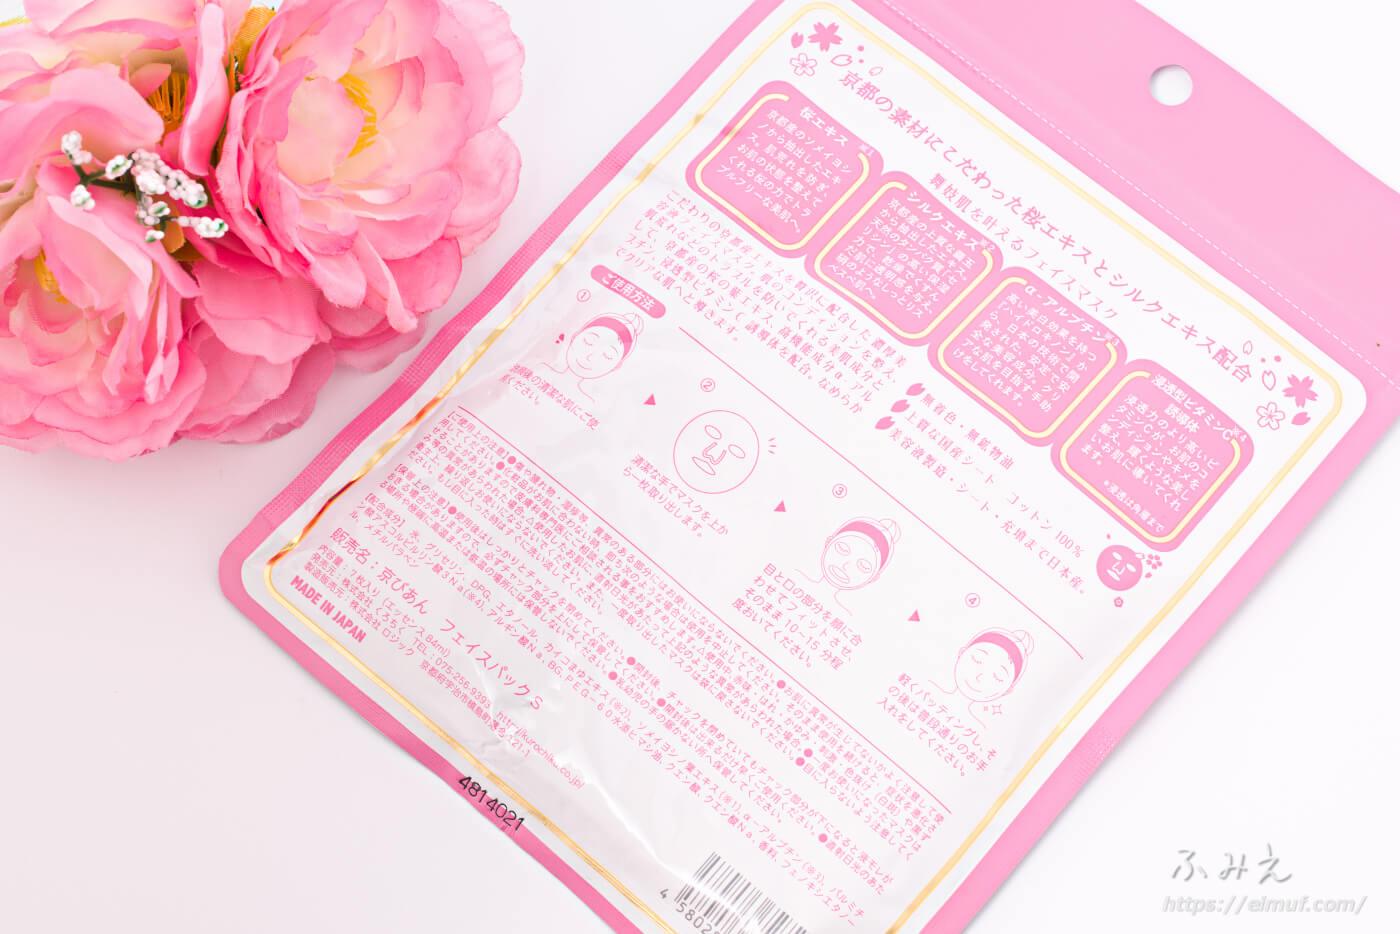 京びあん フェイスマスク桜(はんなりさくらの香り) パッケージ裏面